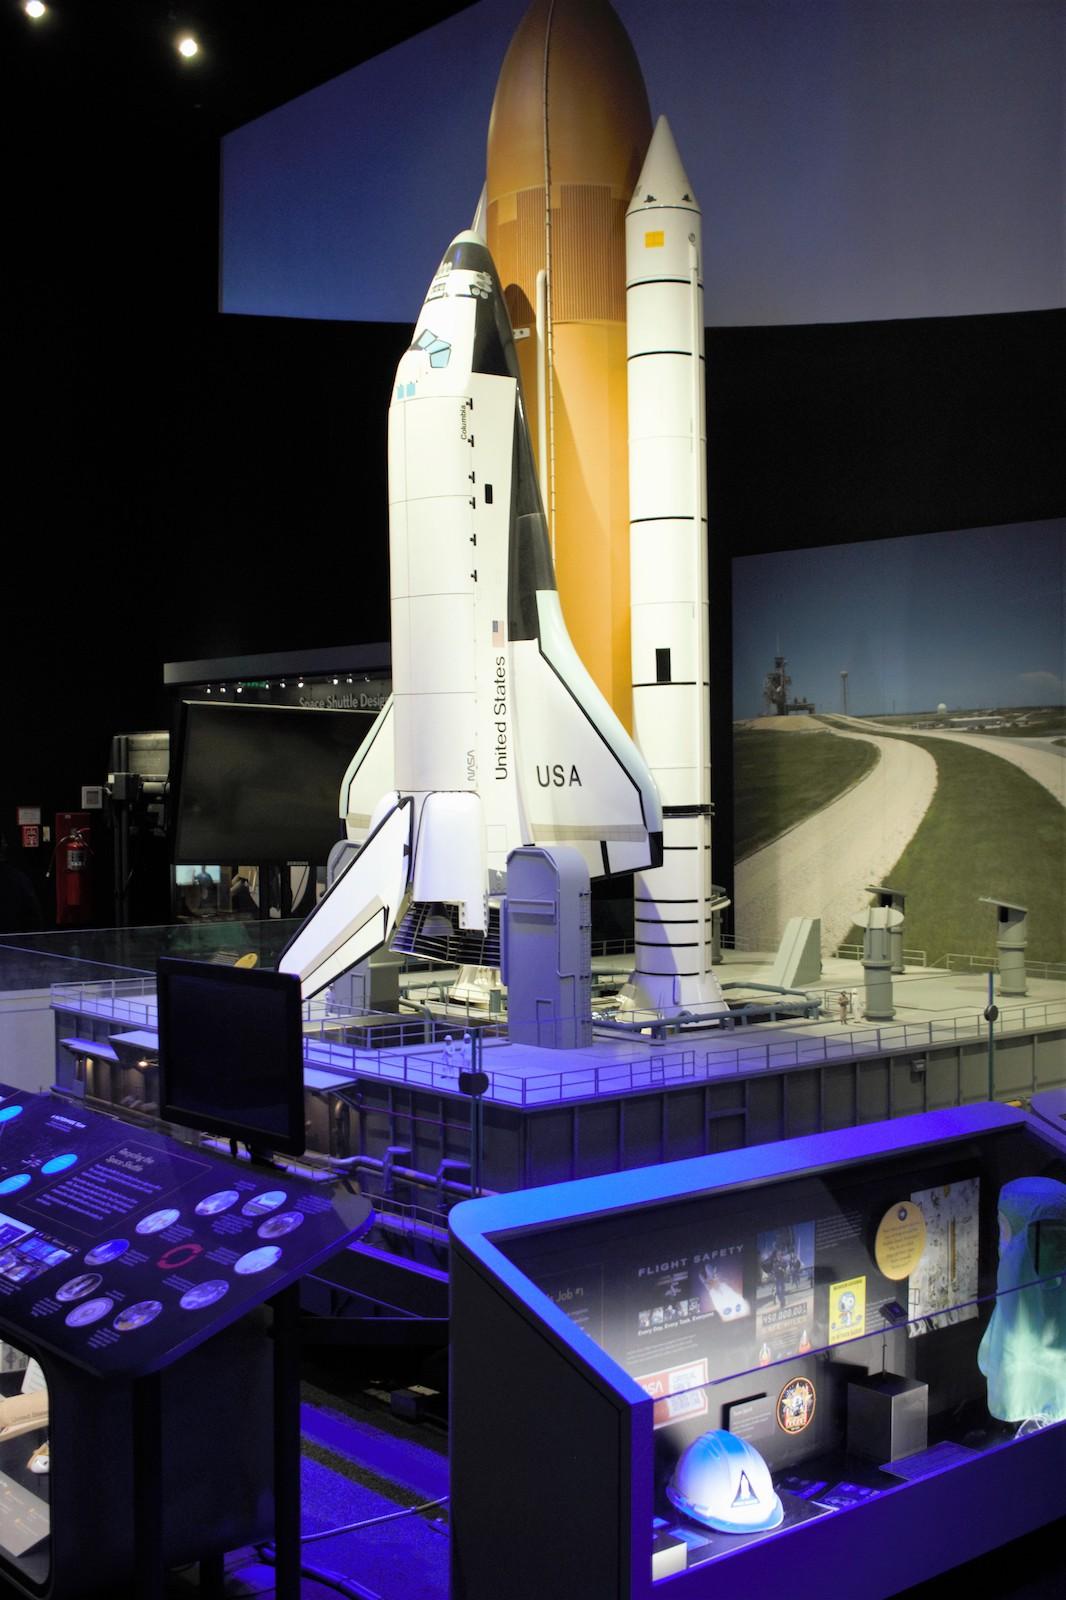 adler planetarium space shuttle simulator - photo #8